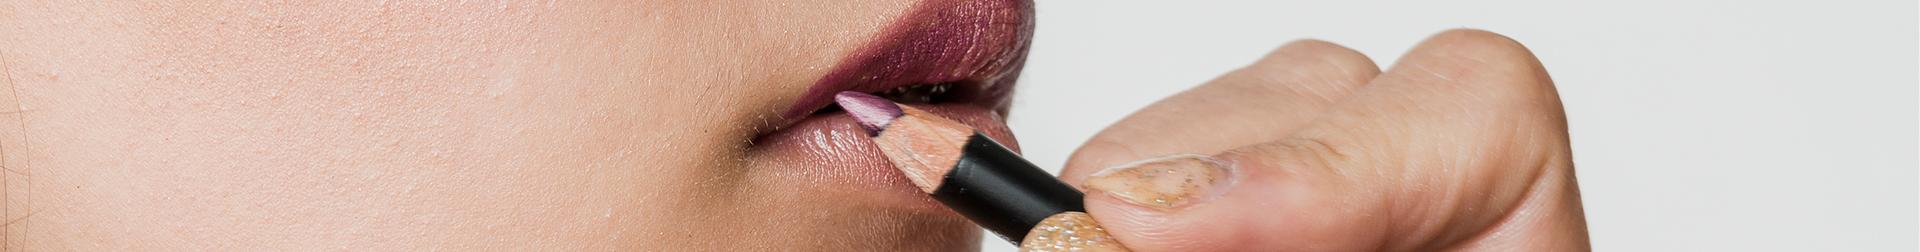 Makeup Lip Products   Buy Best Lip Liner Online   AromaCraze